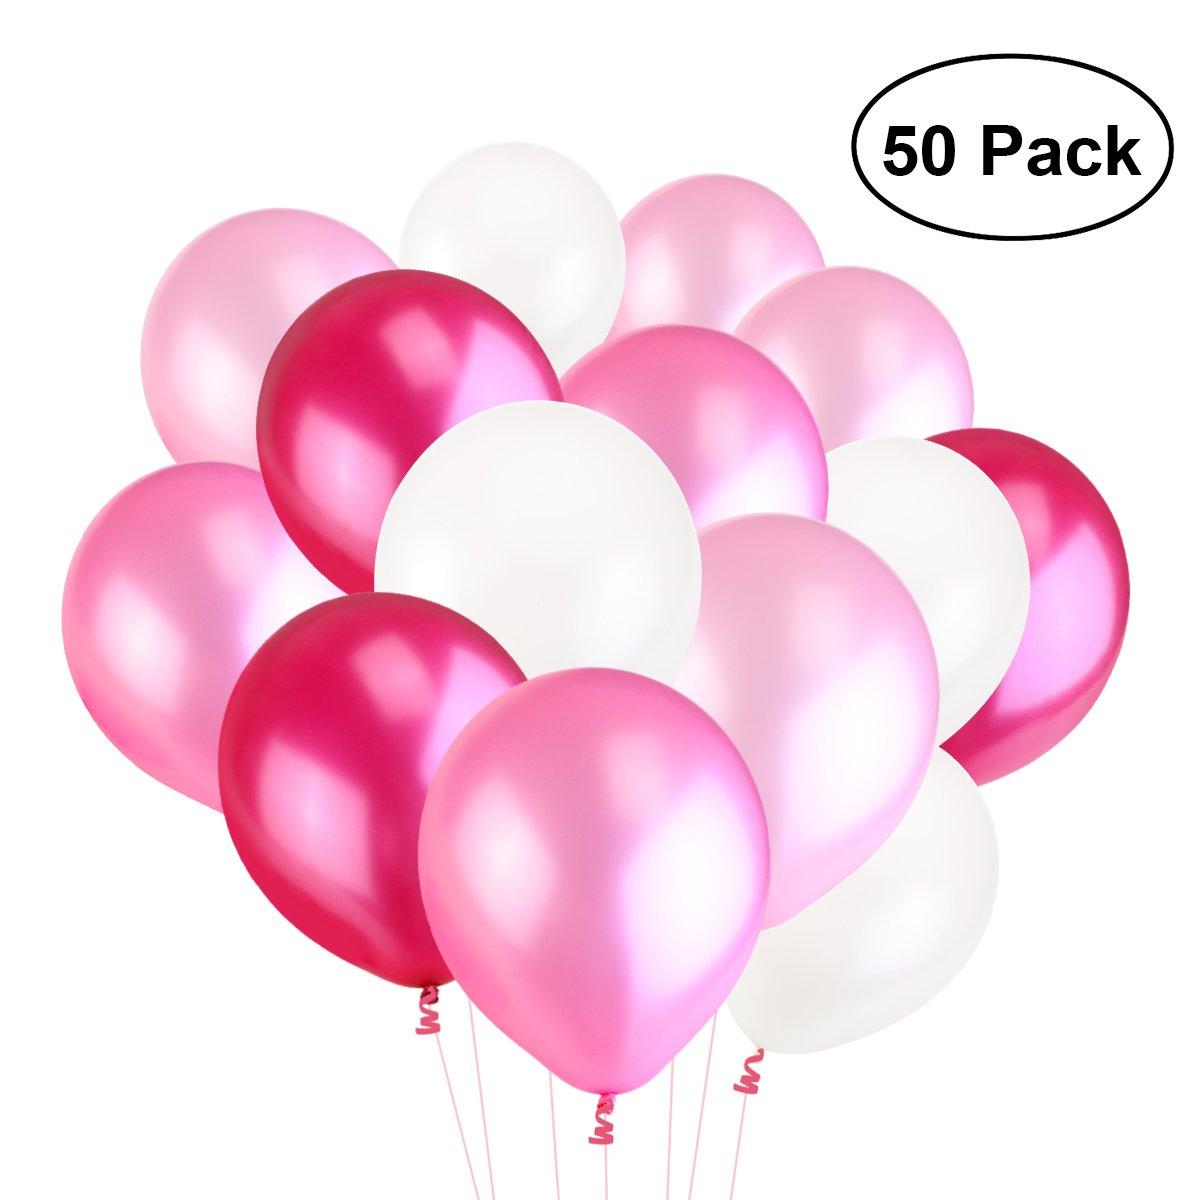 TOYMYTOY 50pcs Latex Ballon Décoration pour Mariage Fête Anniversaire (rose,rose clair, rose prune)